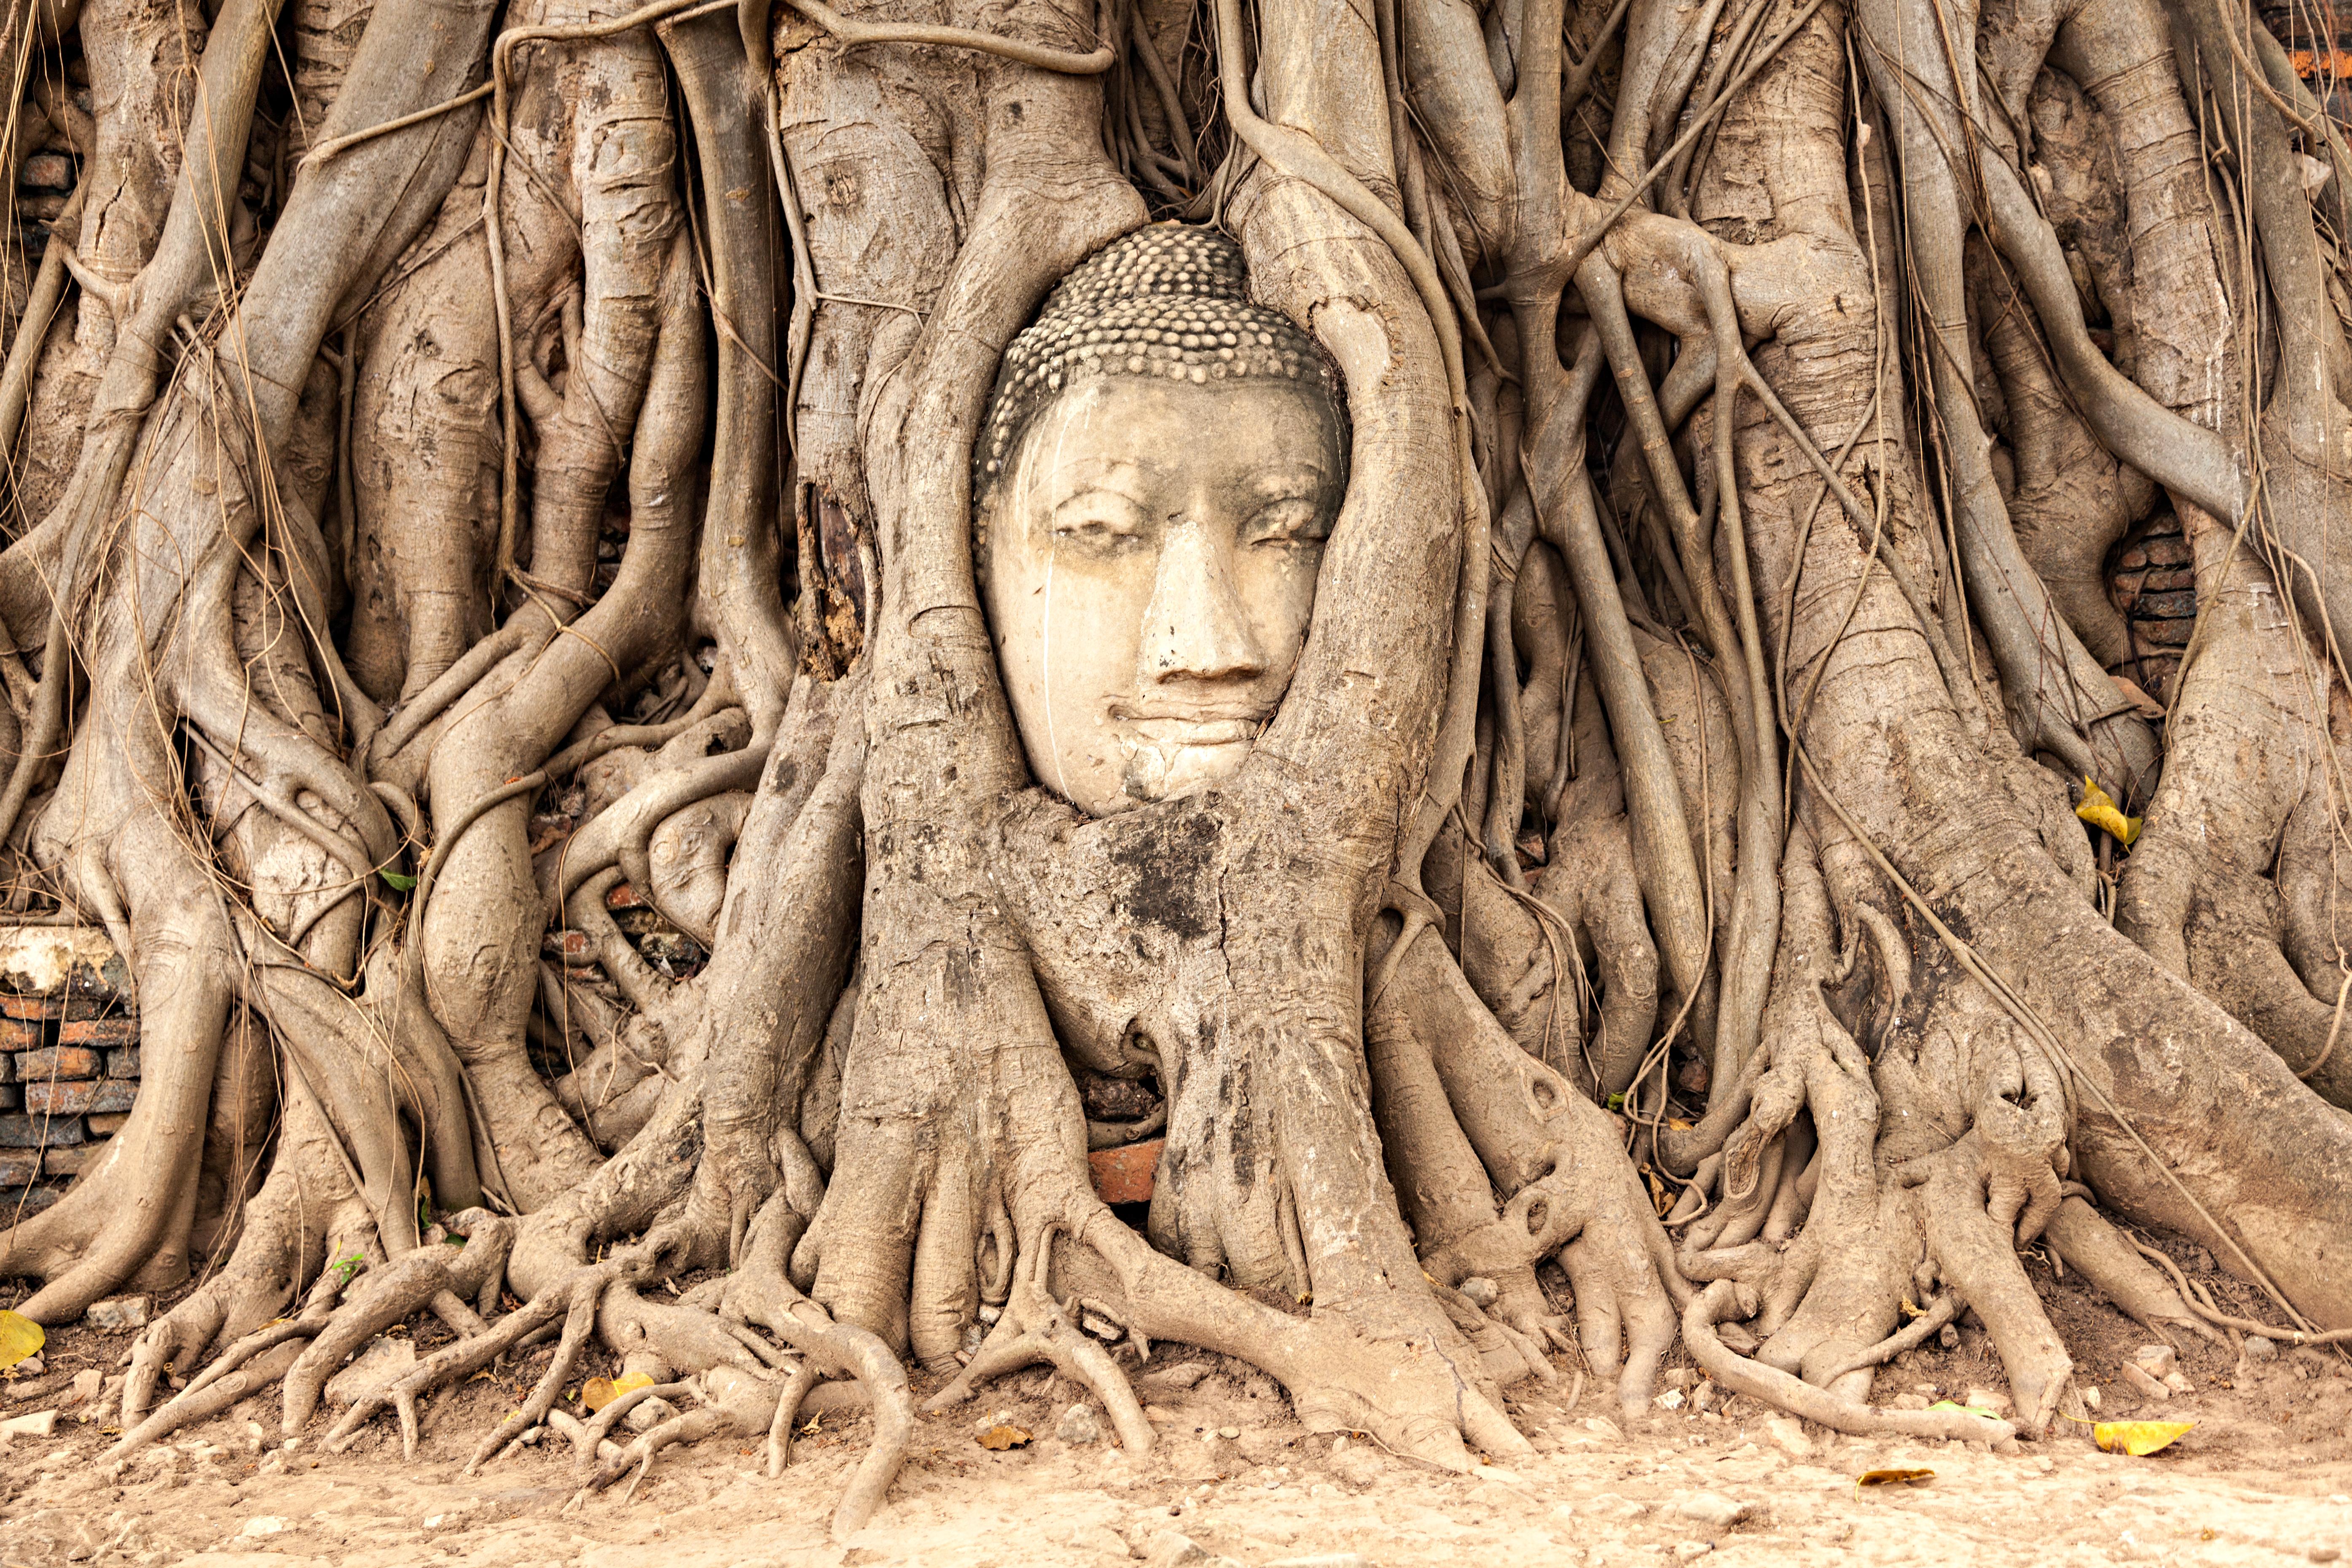 Ayutthaya, lugar donde el pasado, presente y futuro se dan la mano - Tailandia Gran Viaje Alrededor de Tailandia